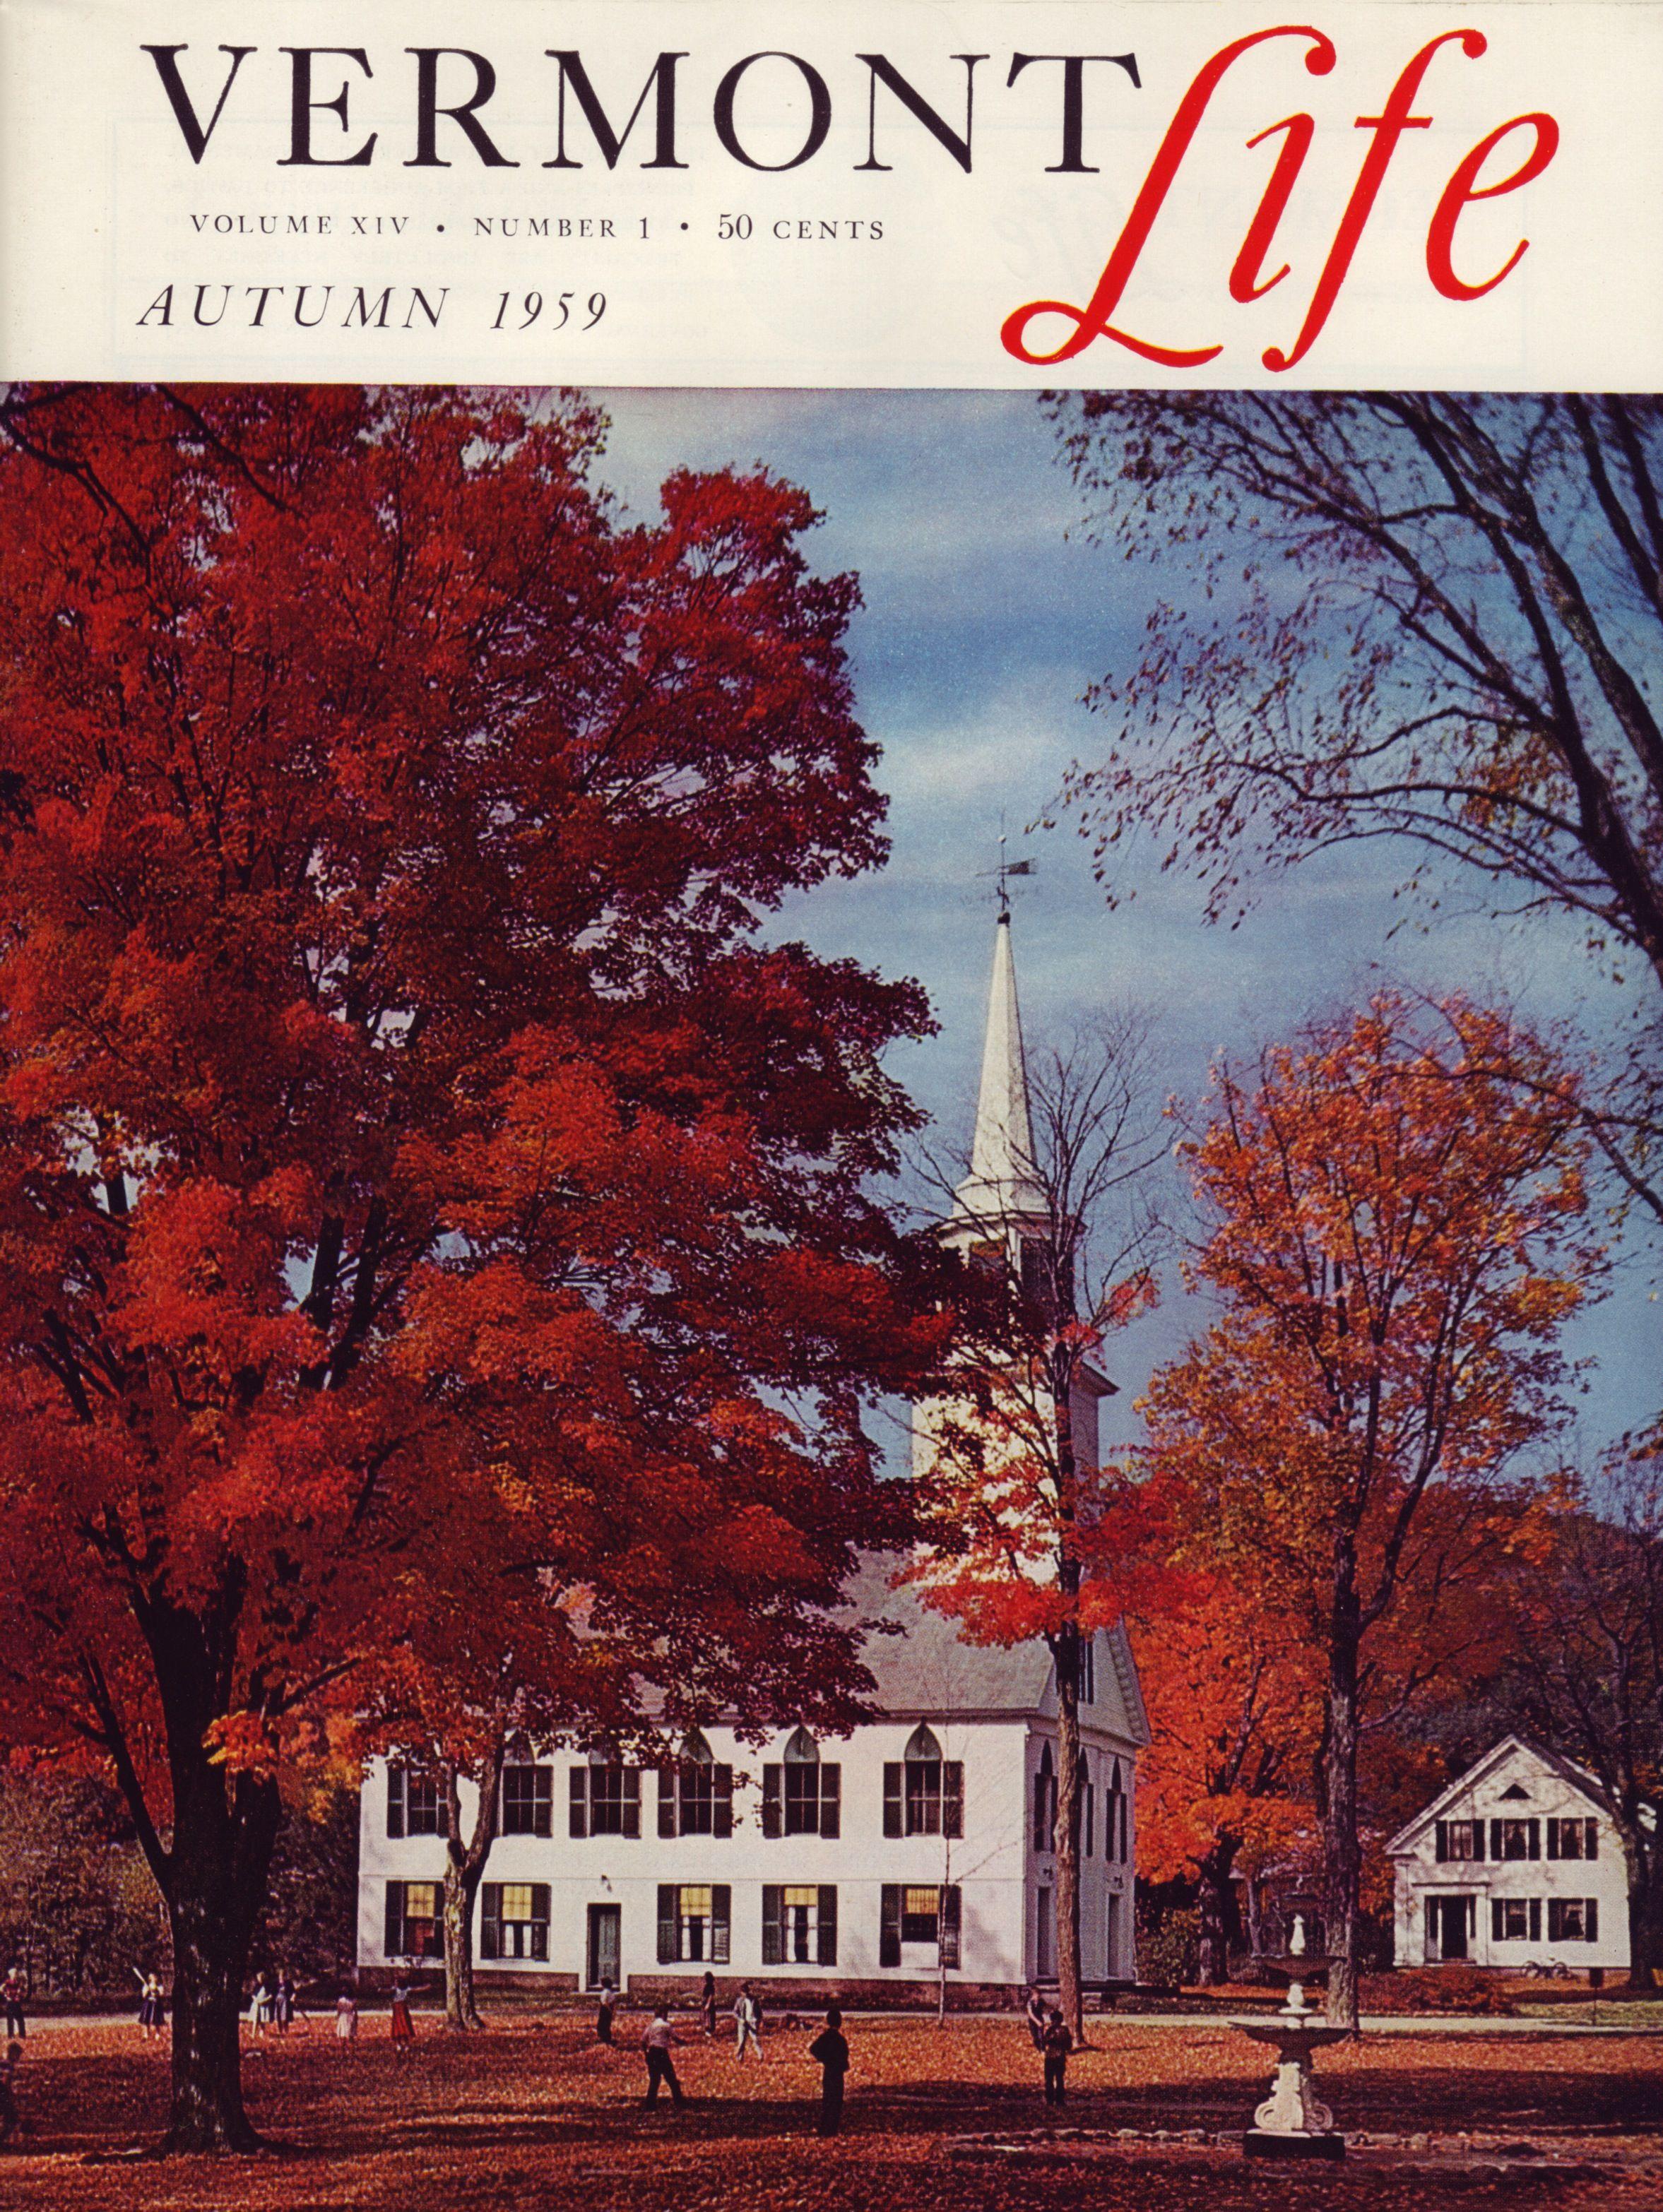 Autumn 1959